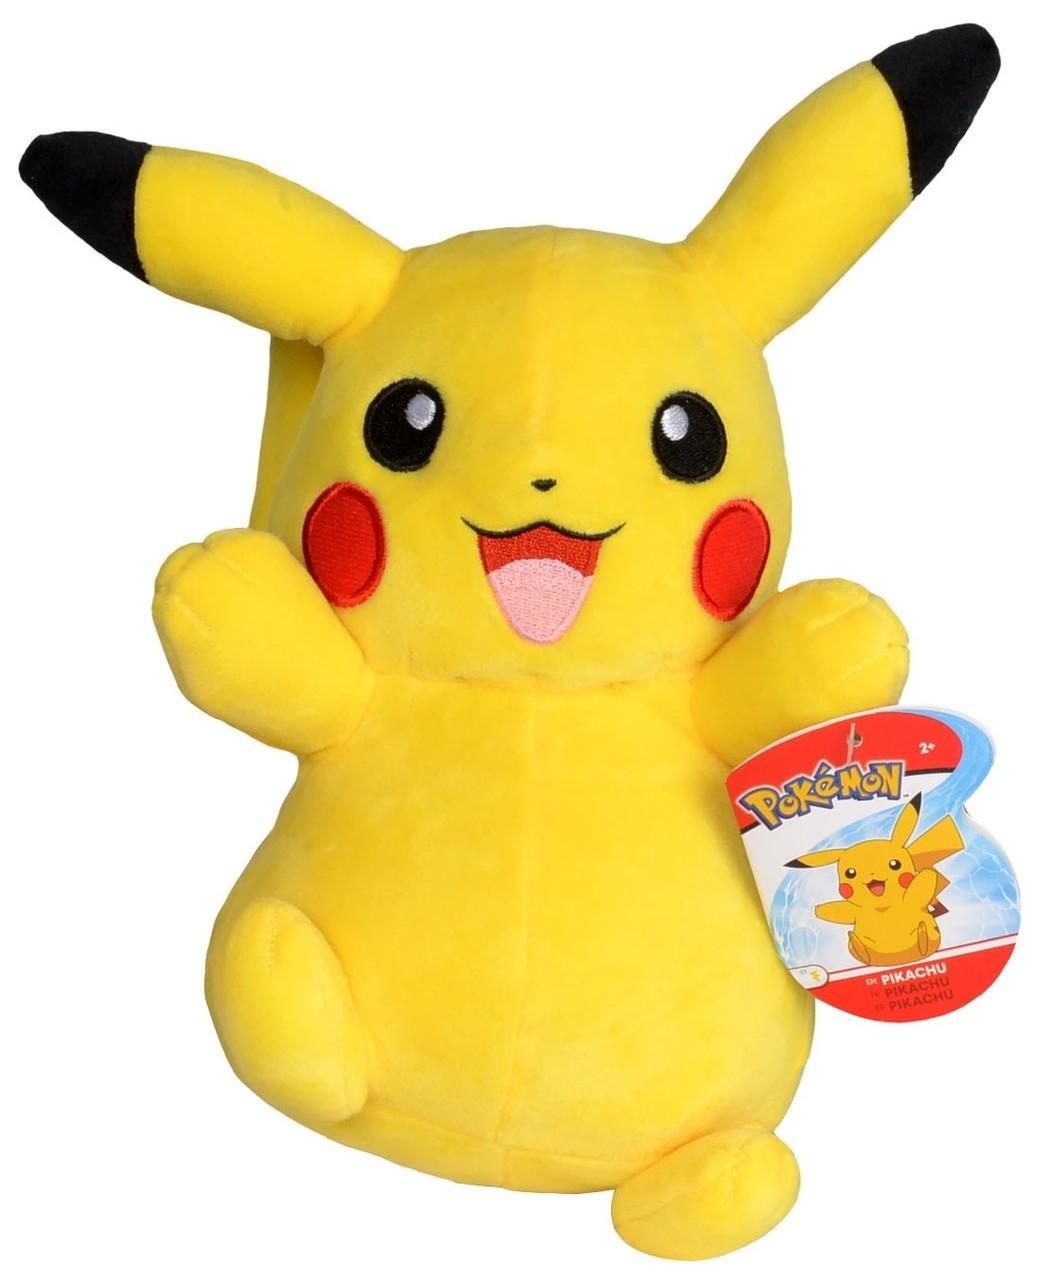 Plys Bamse 20 cm - Pikachu